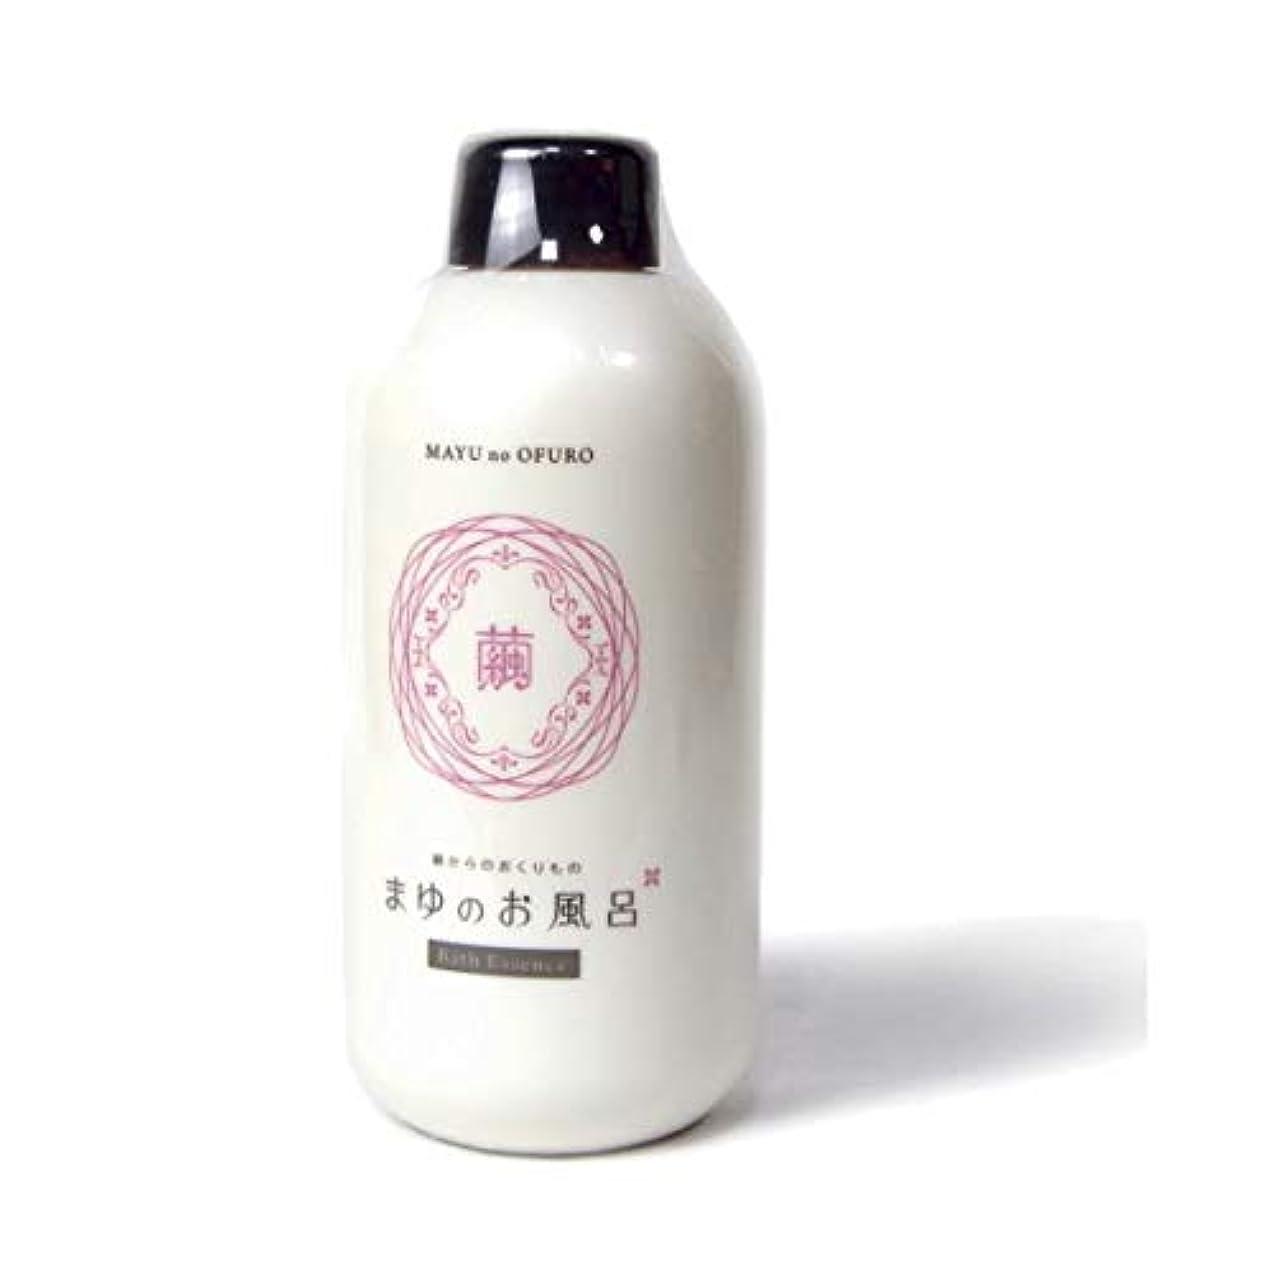 崩壊不調和ブルーベルきぬもよふ まゆシリーズ まゆのお風呂ボトル 480ml(約20回分)